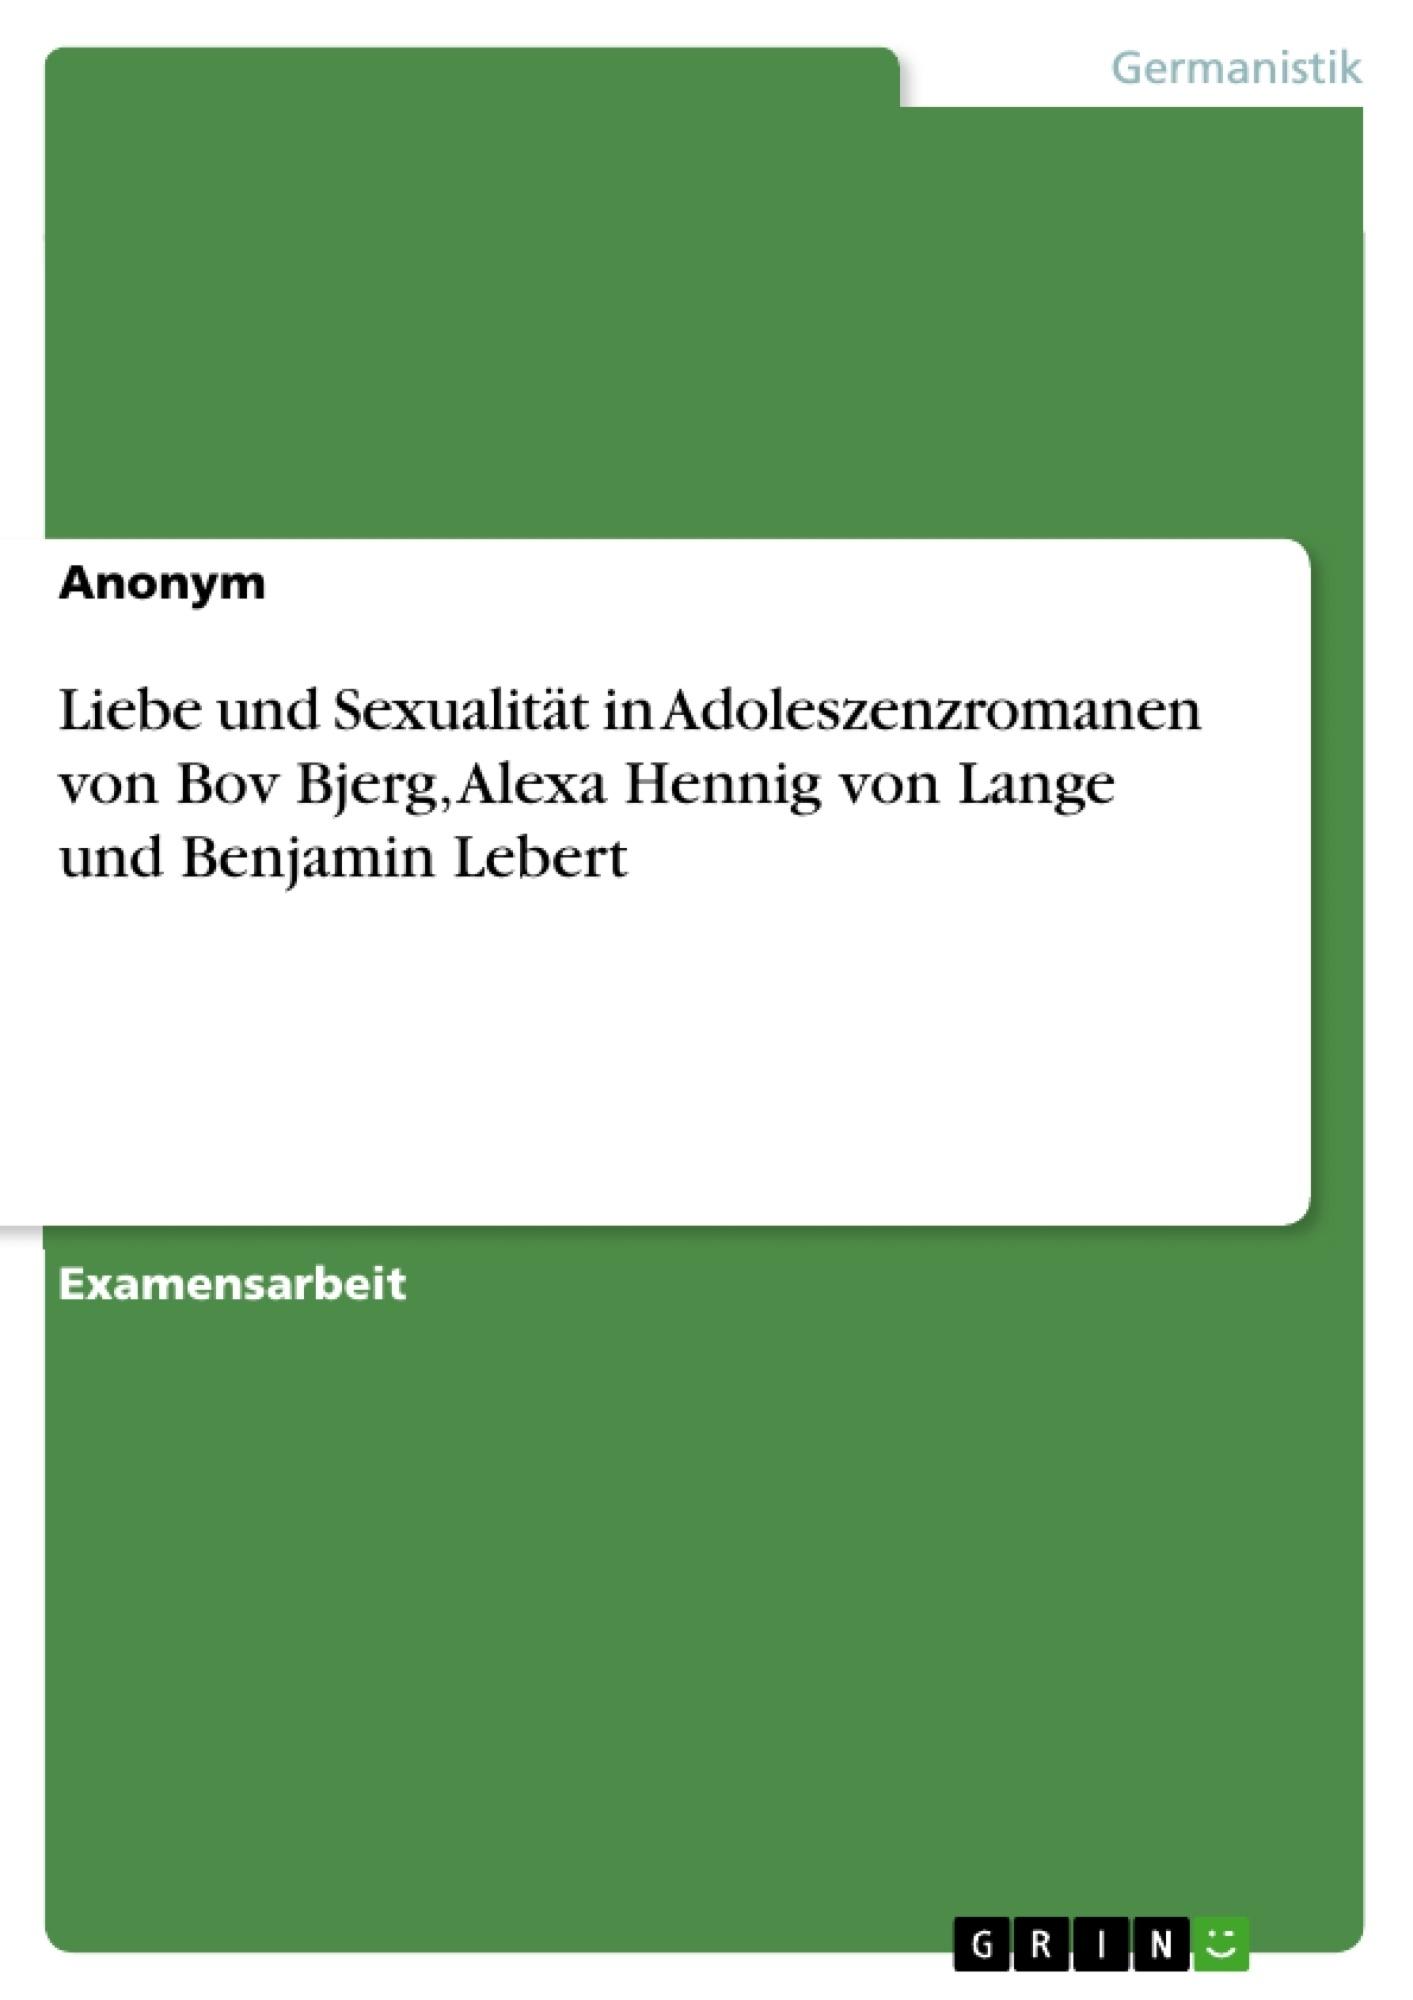 Titel: Liebe und Sexualität in Adoleszenzromanen von Bov Bjerg, Alexa Hennig von Lange und Benjamin Lebert